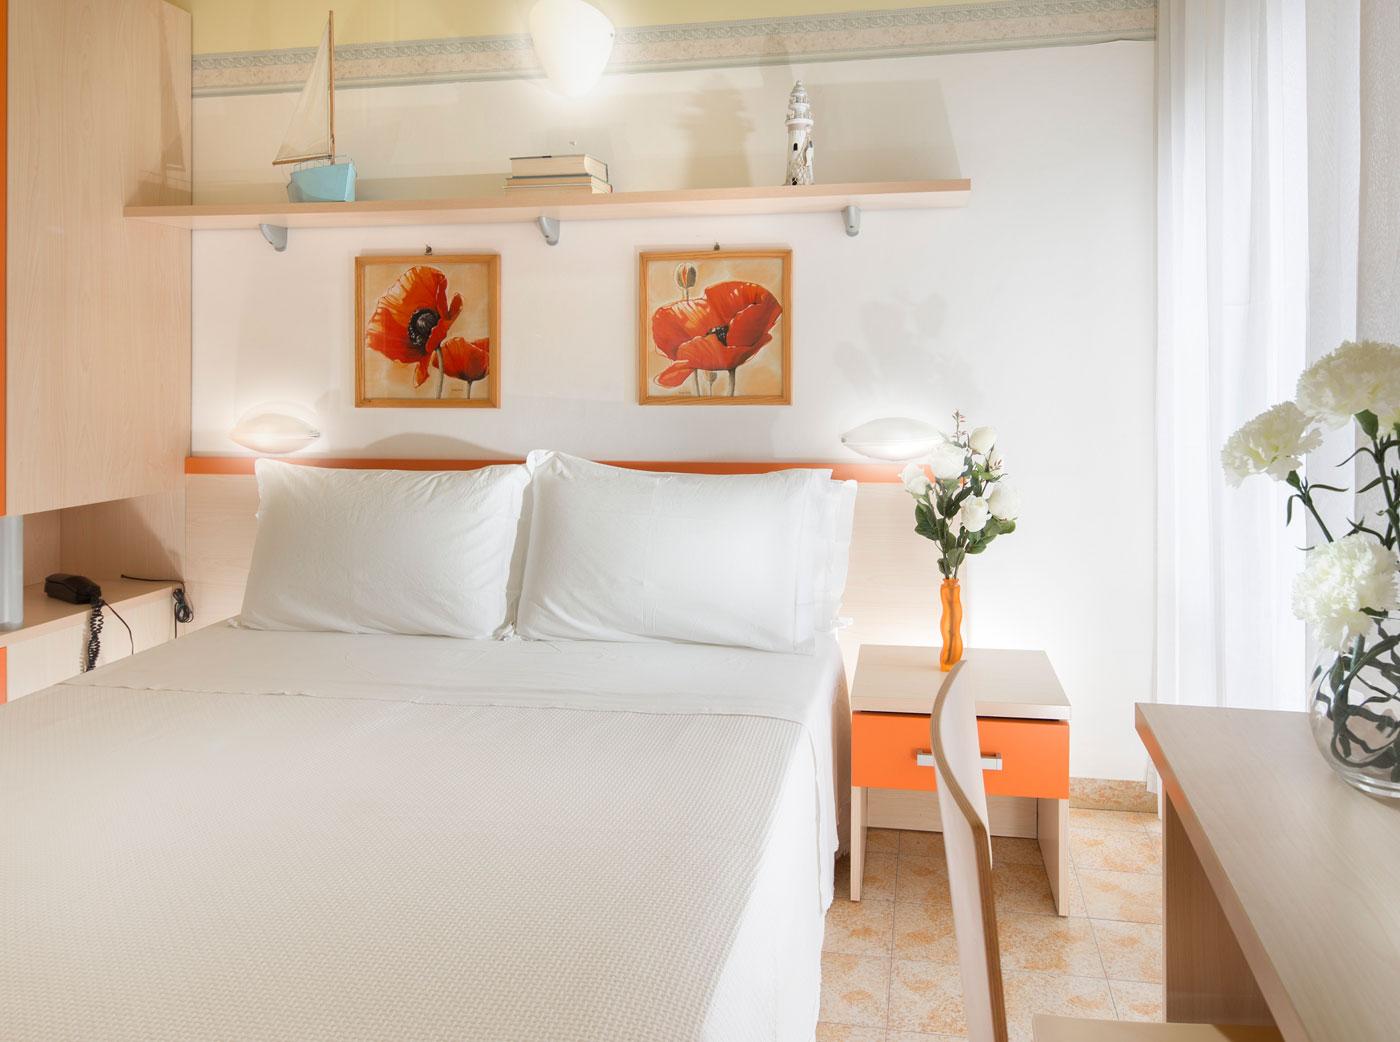 Double Classique - Hôtel Buonafortuna 3 étoiles Bellaria